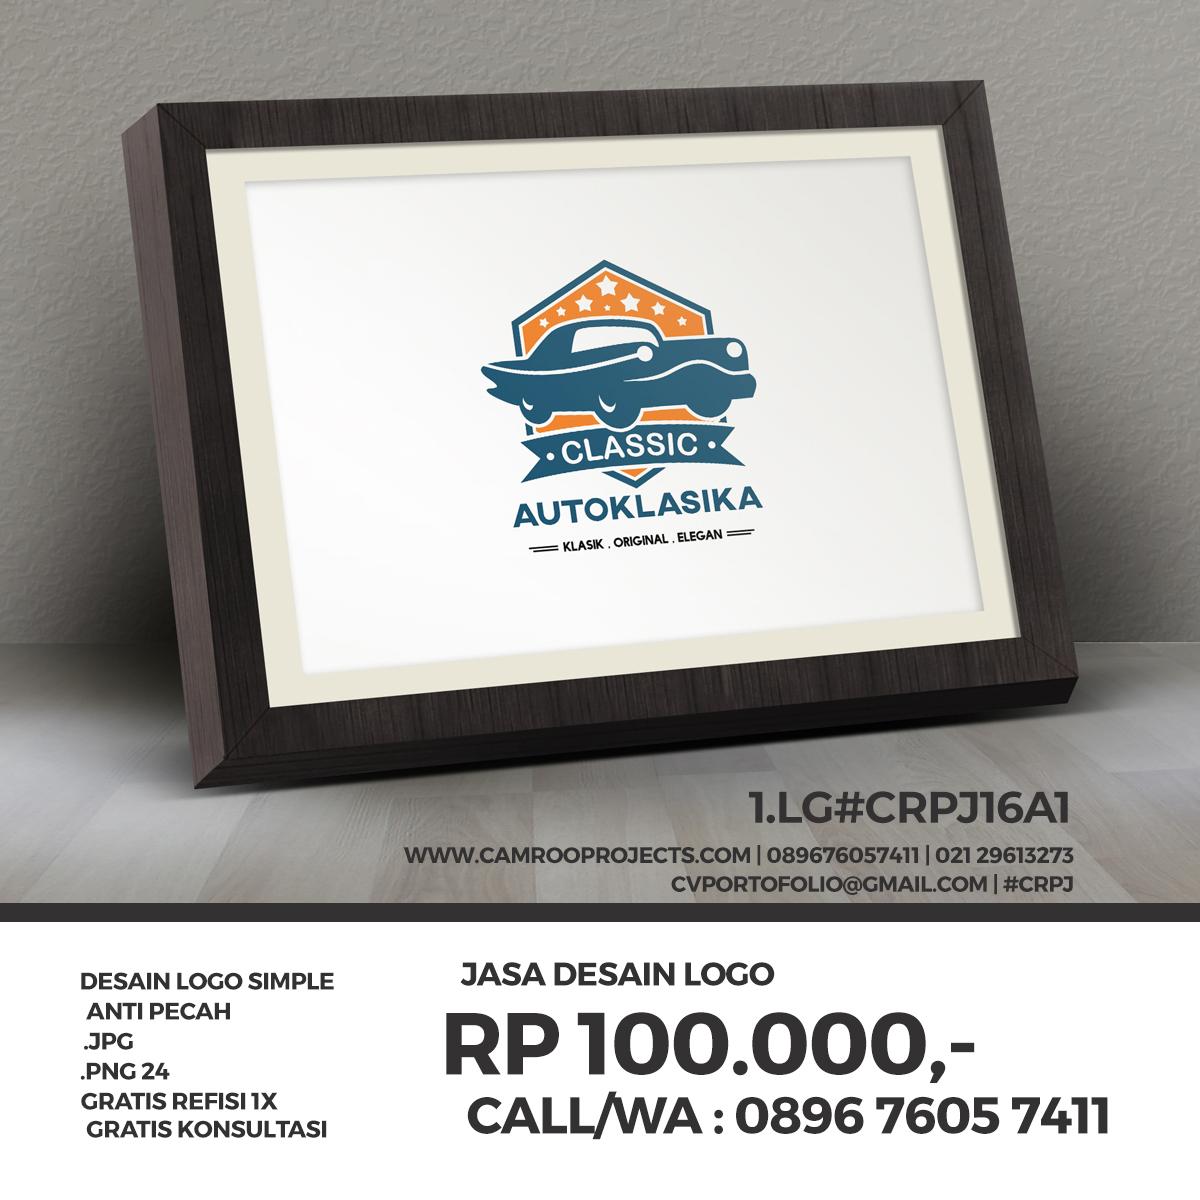 Jasa Desain Logo Bagus Di Bekasi